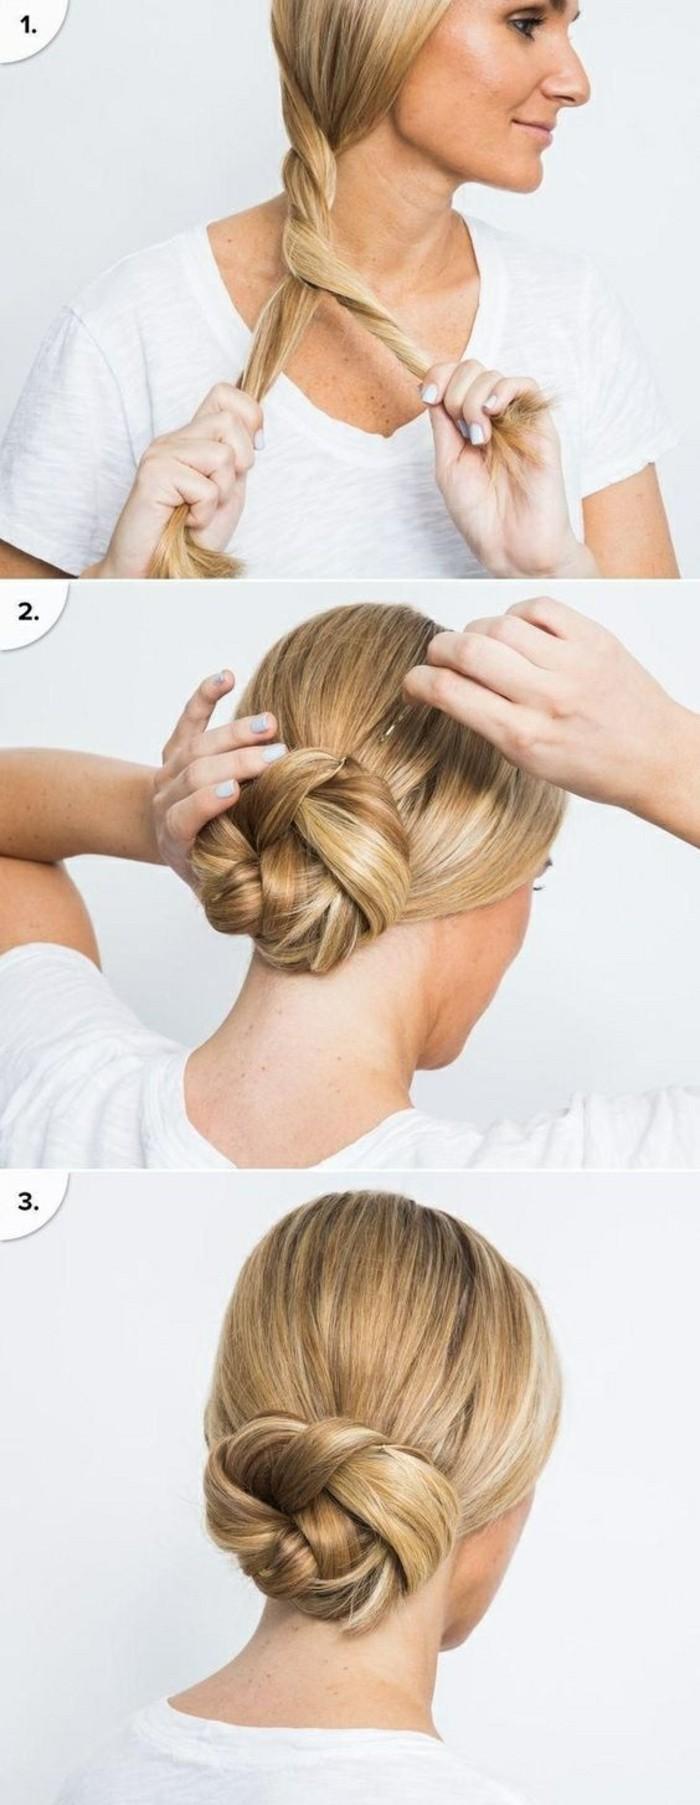 hochsteckfrisuren-selber-machen-frau-mit-blunden-mittellangen-haaren-frisur-hochstecken